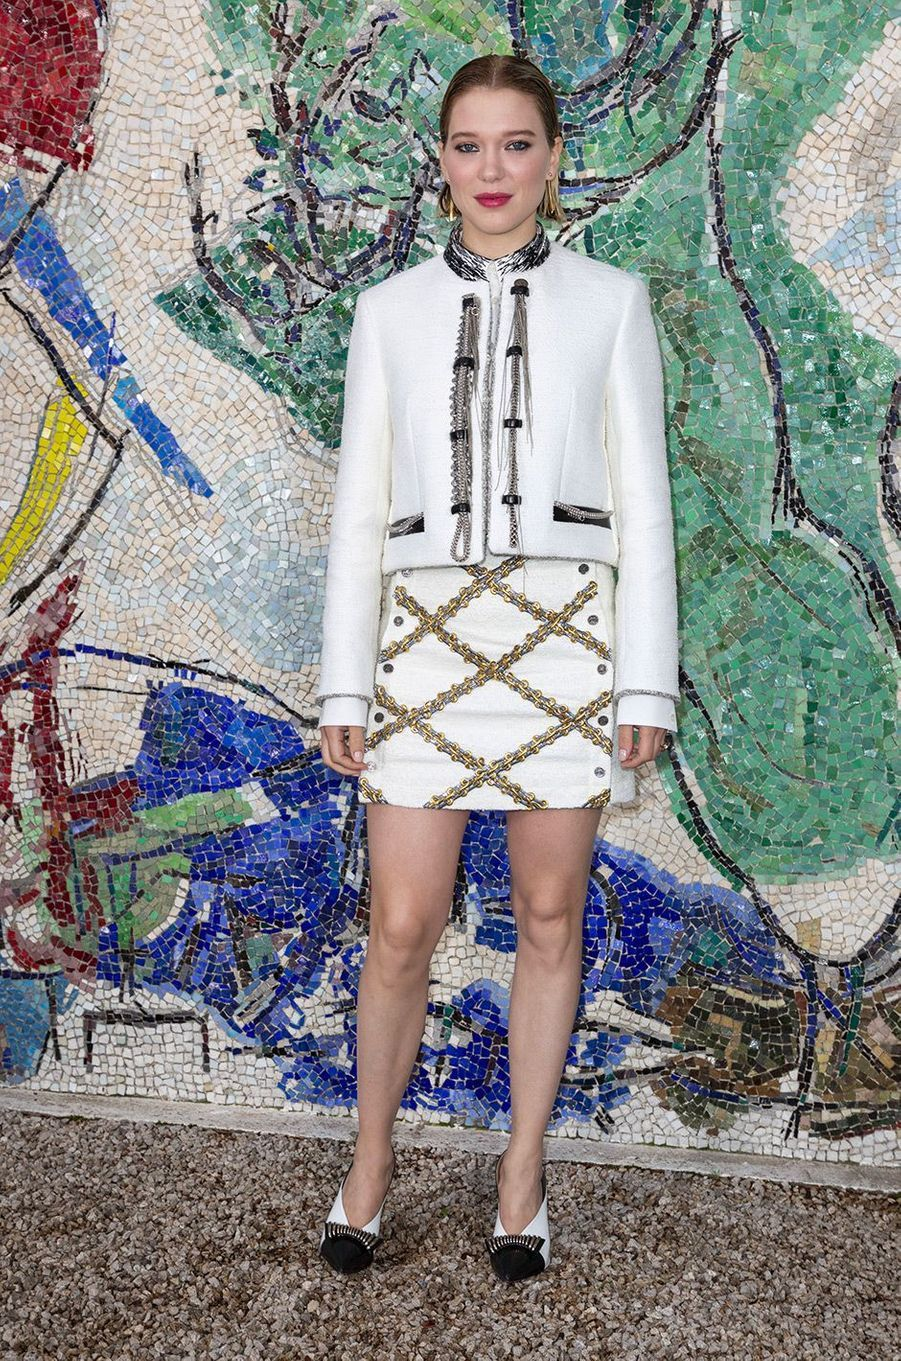 Léa Seydoux au défilé Louis Vuitton à la fondation Maeght lundi 28 mai